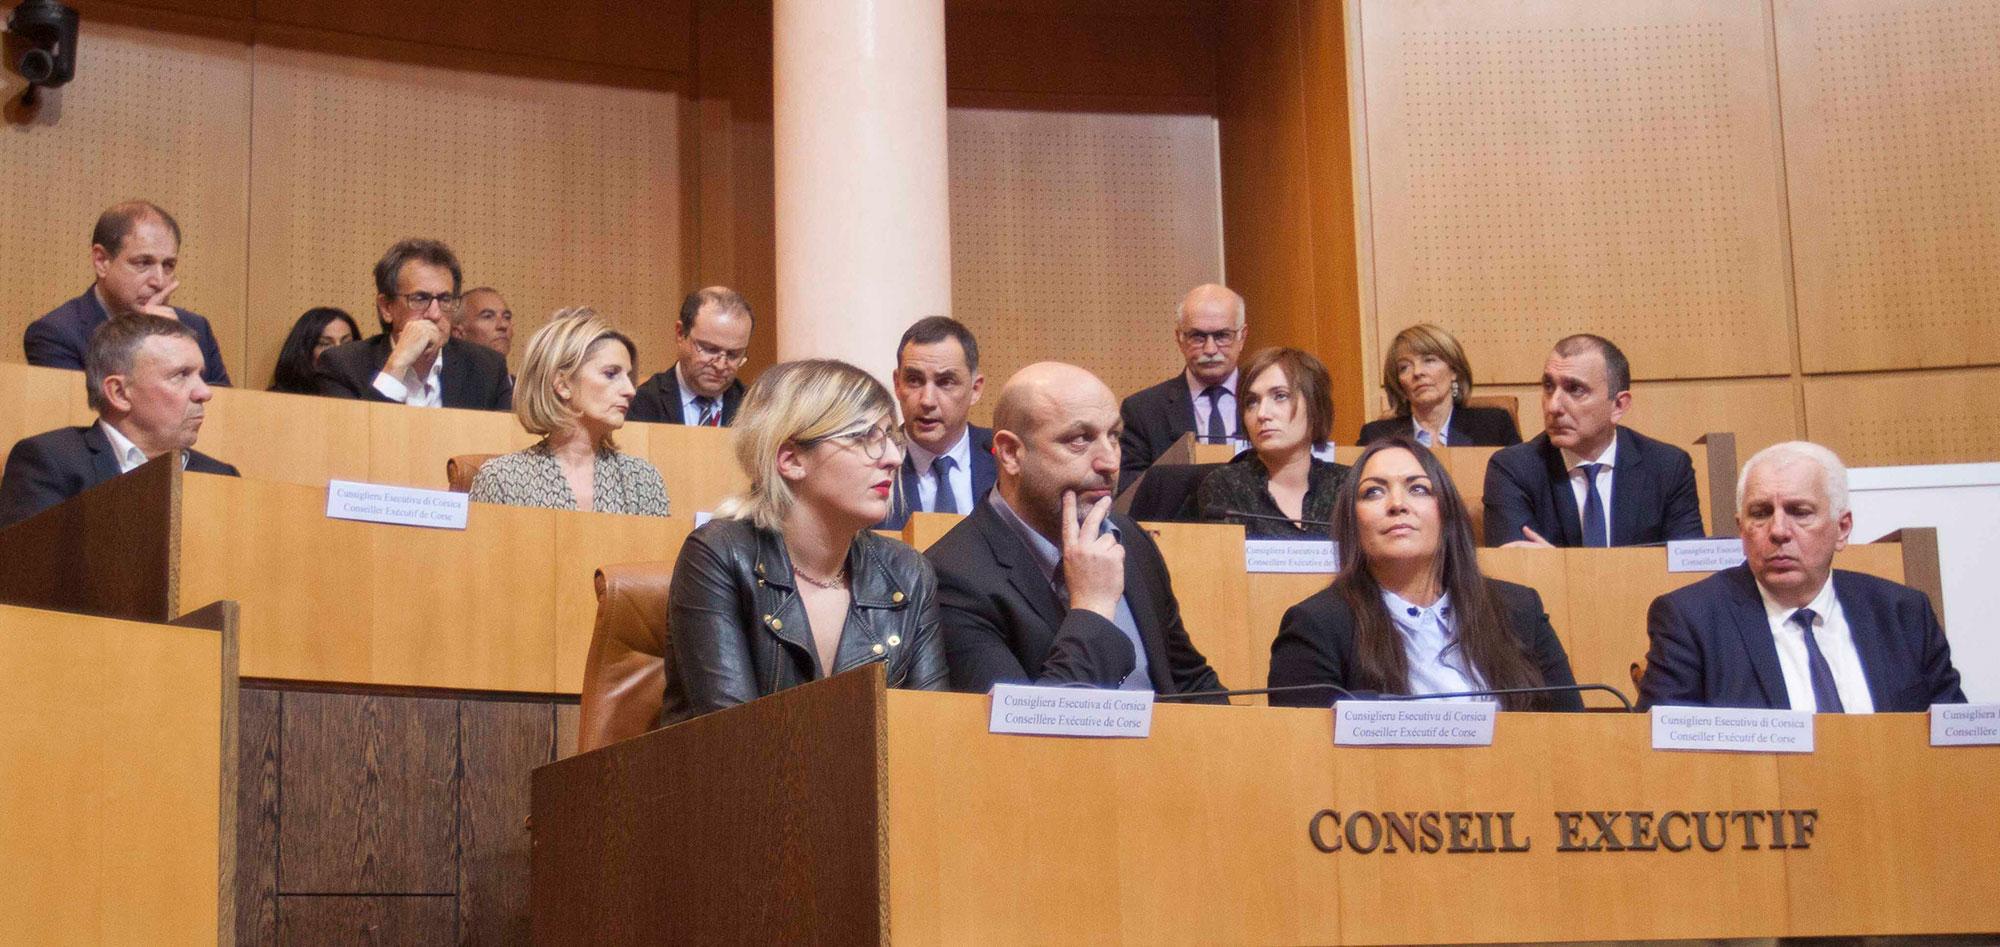 Gilles Simeoni hè elettu Presidente di u Cunsigliu esecutivu di Corsica